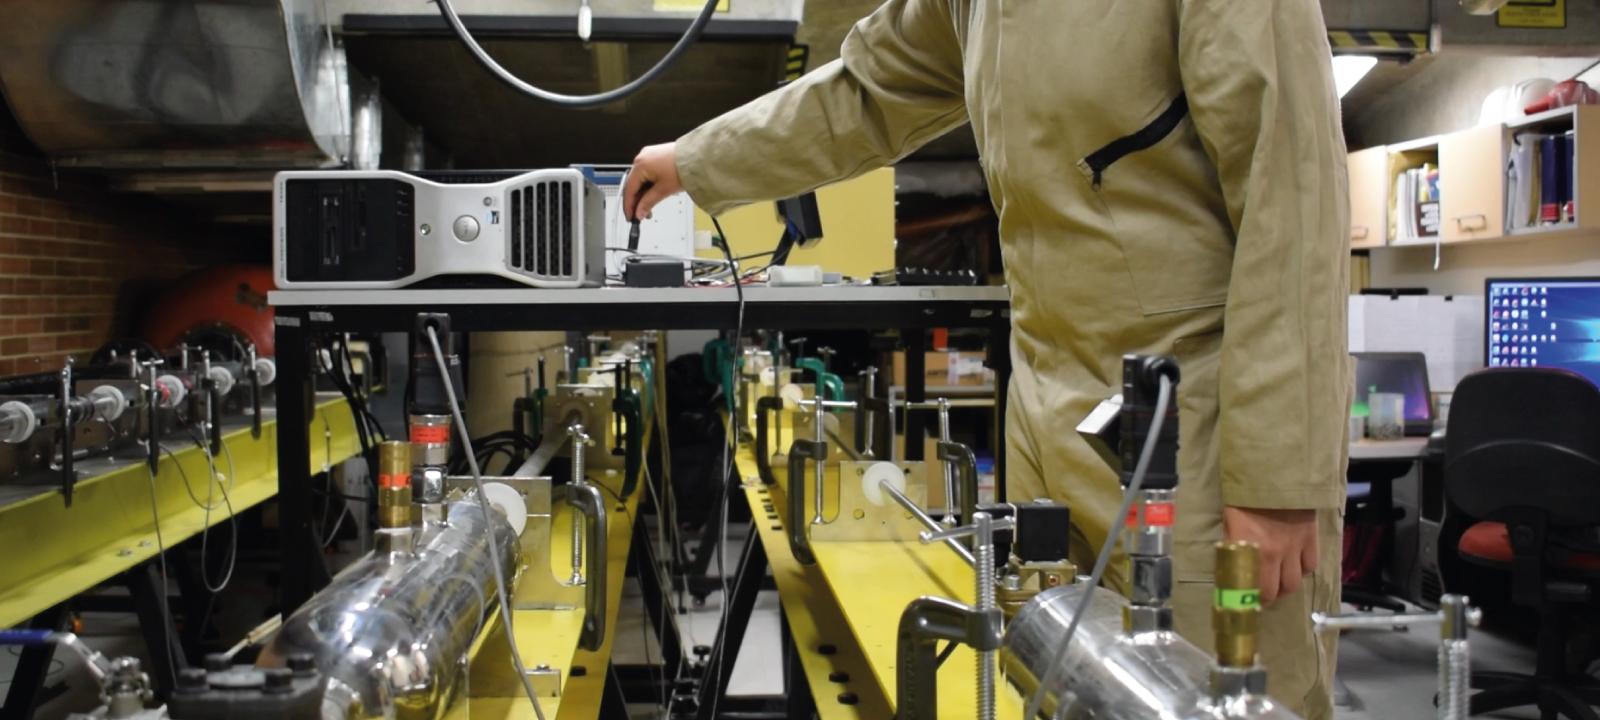 Estudiante trabajando en laboratorio de materiales compuestos | Uniandes